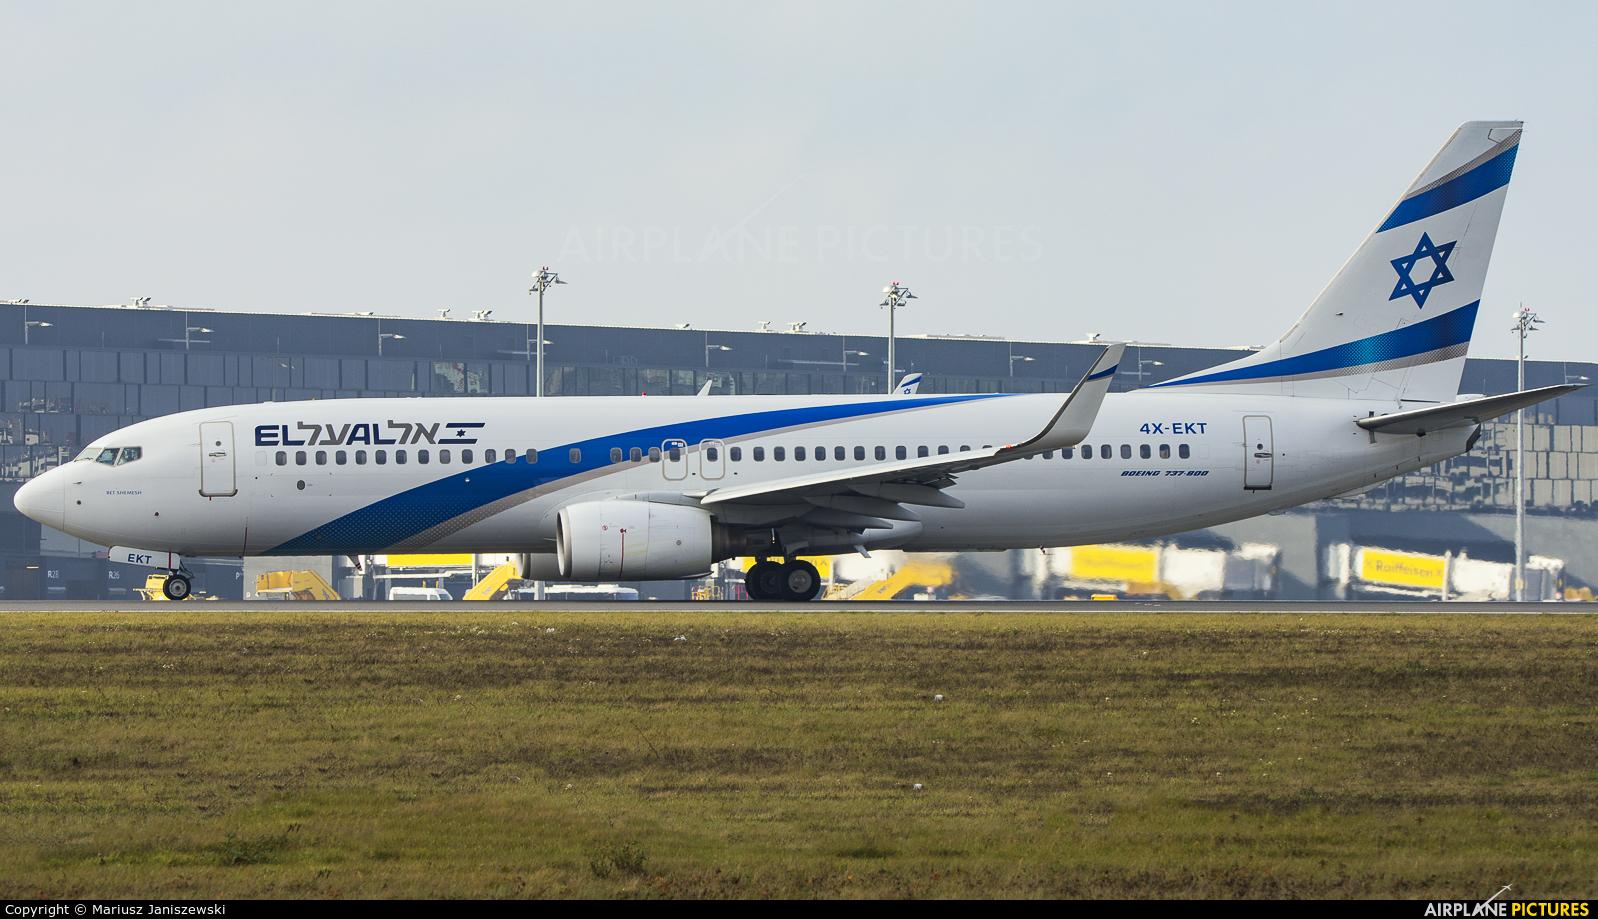 El Al Israel Airlines 4X-EKT aircraft at Vienna - Schwechat